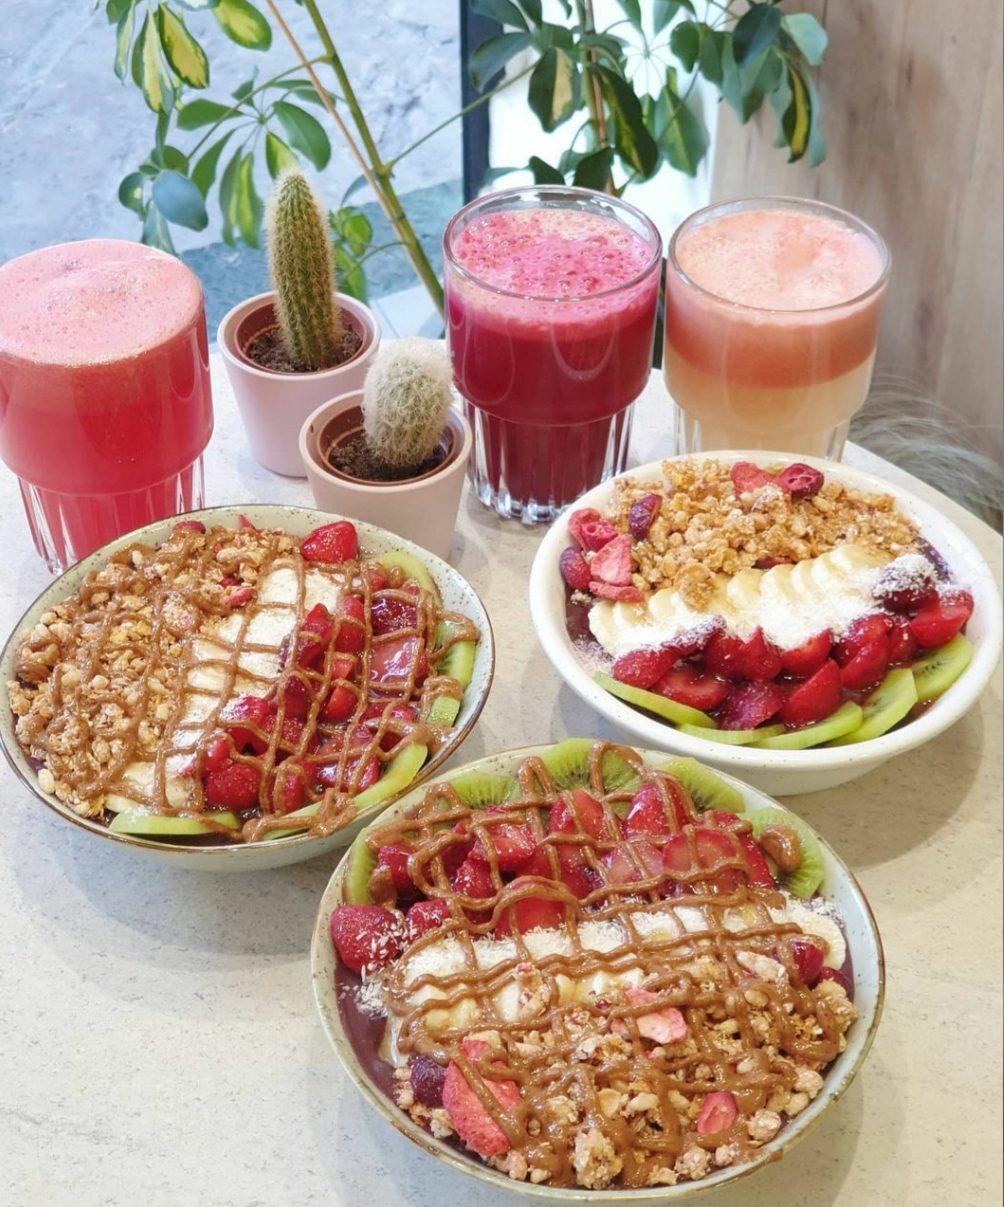 Πού θα βρεις τα καλύτερα energy smoothies, açai bowls και salad bowls για ένα πλήρες γεύμα στο γραφείο